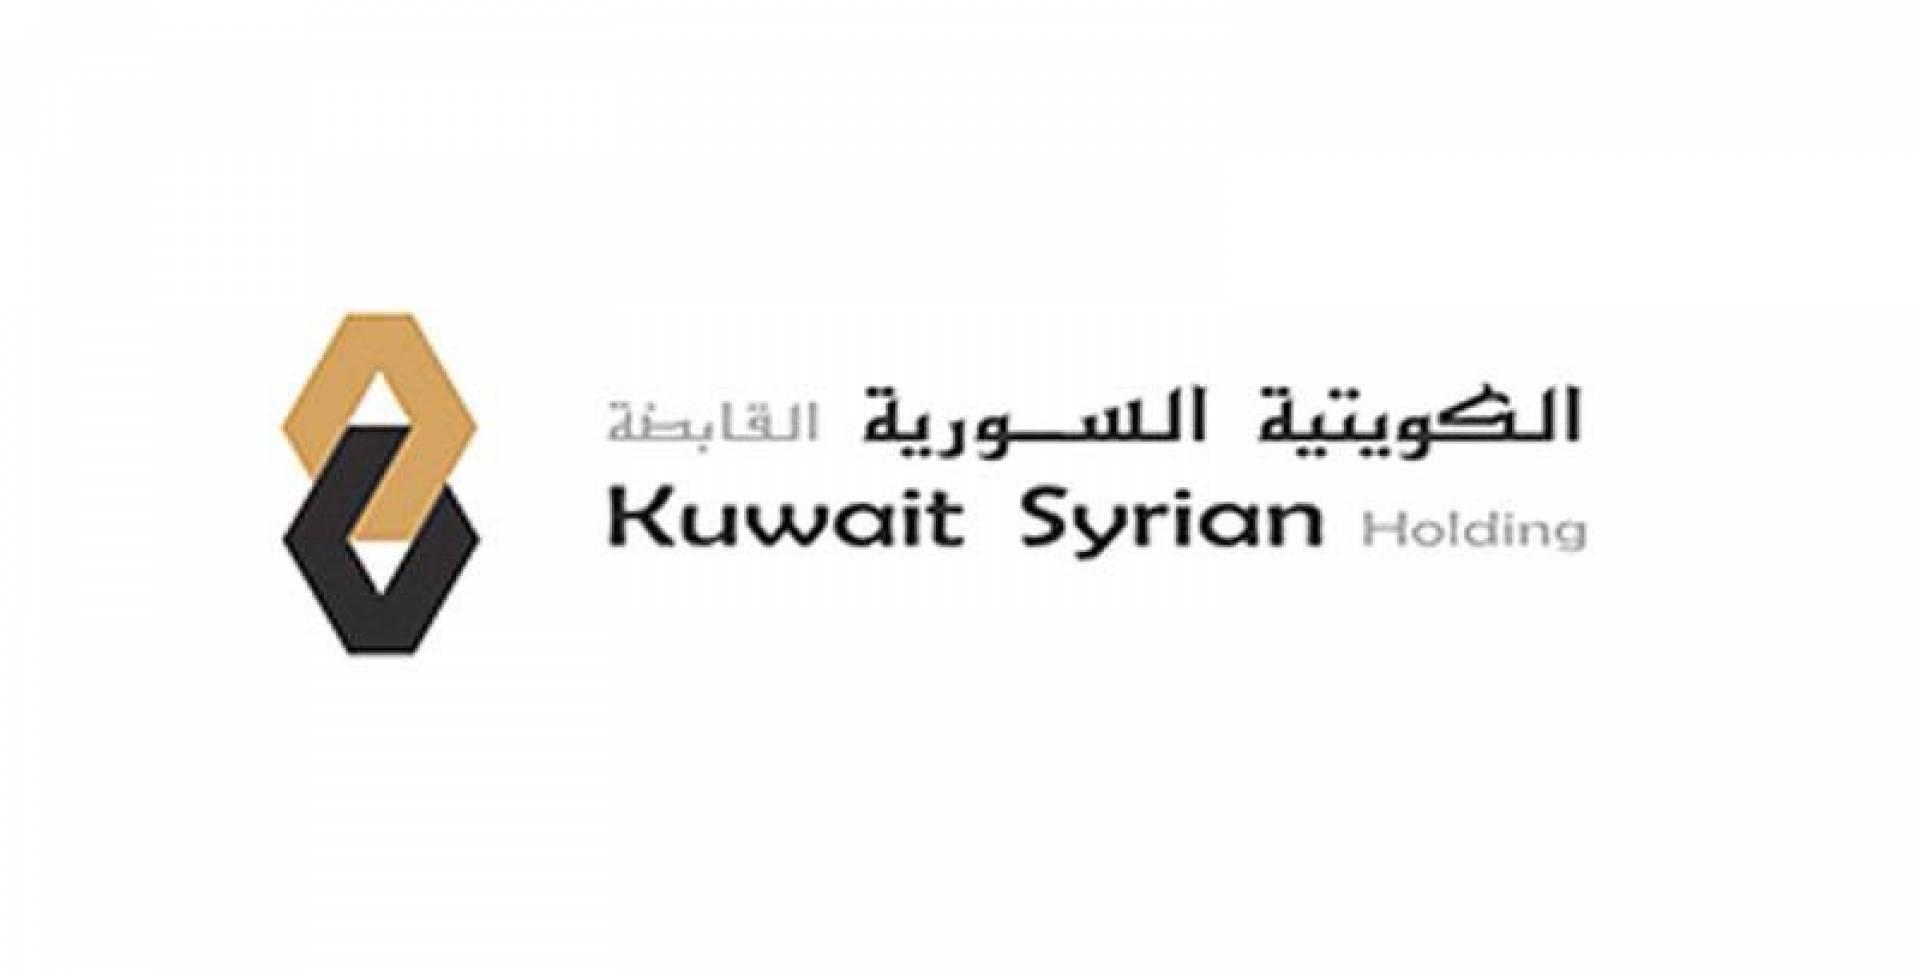 «الكويتية السورية»: بيع أحد الاستثمارات